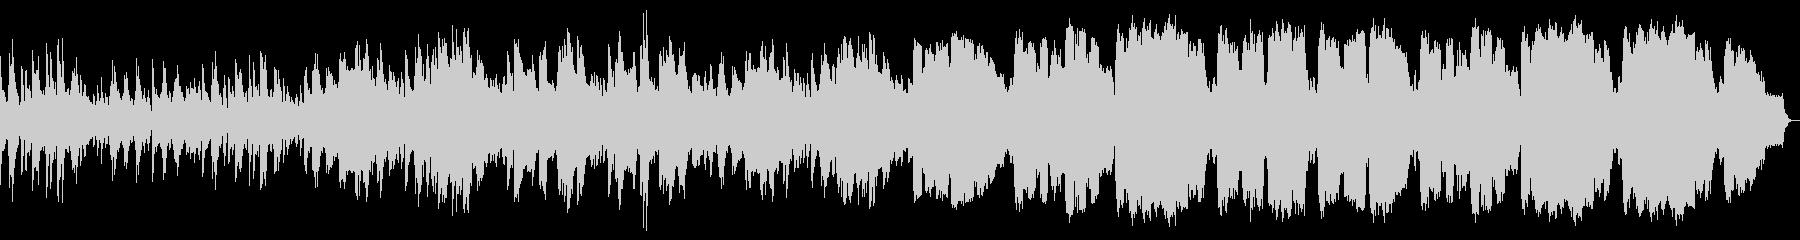 ピアノとSAXがメインの優しいワルツの未再生の波形